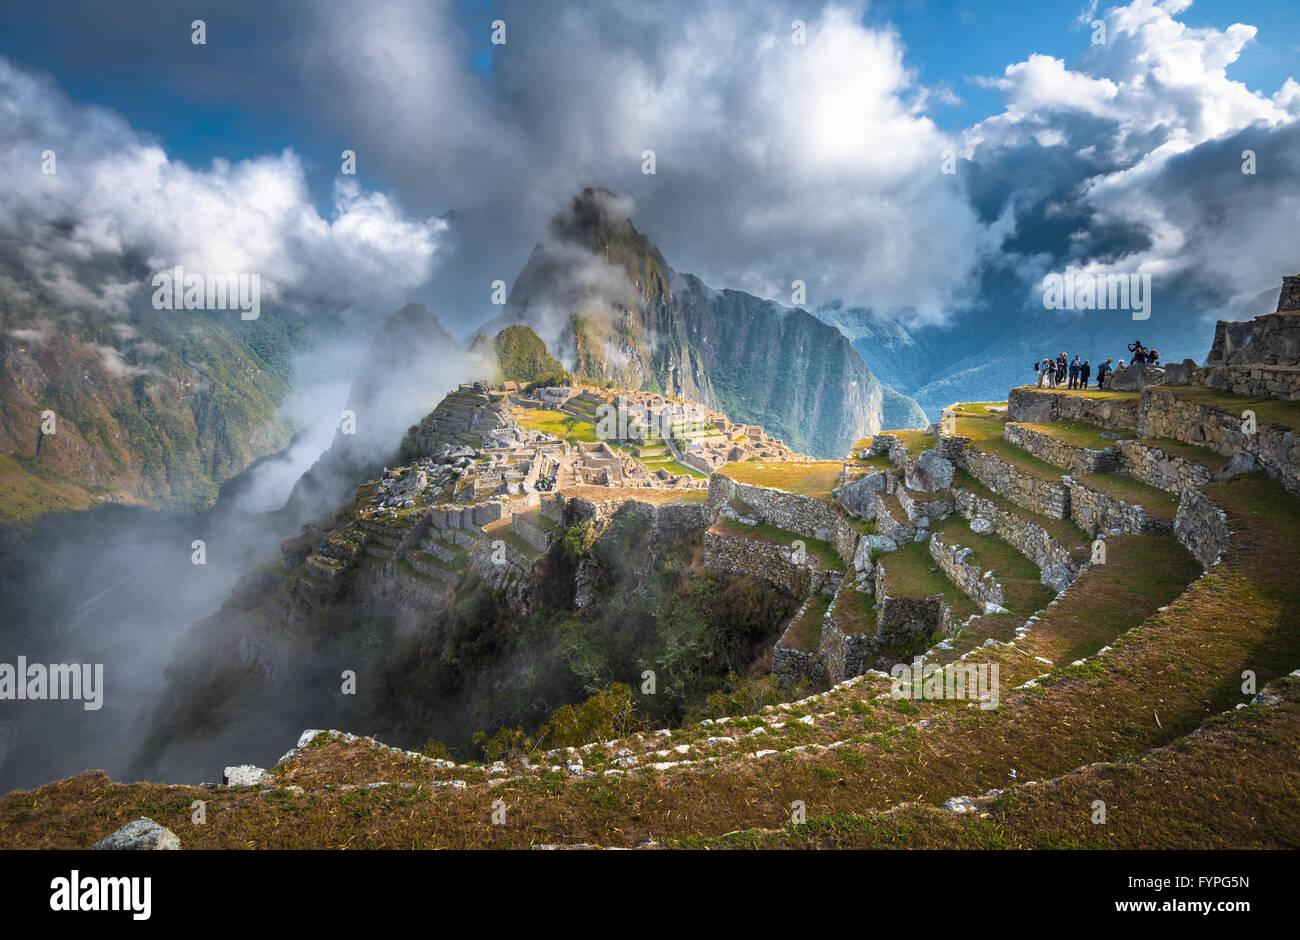 Machu Picchu, Patrimoine Mondial de l'UNESCO. L'une des sept nouvelles merveilles du monde. Photo Stock